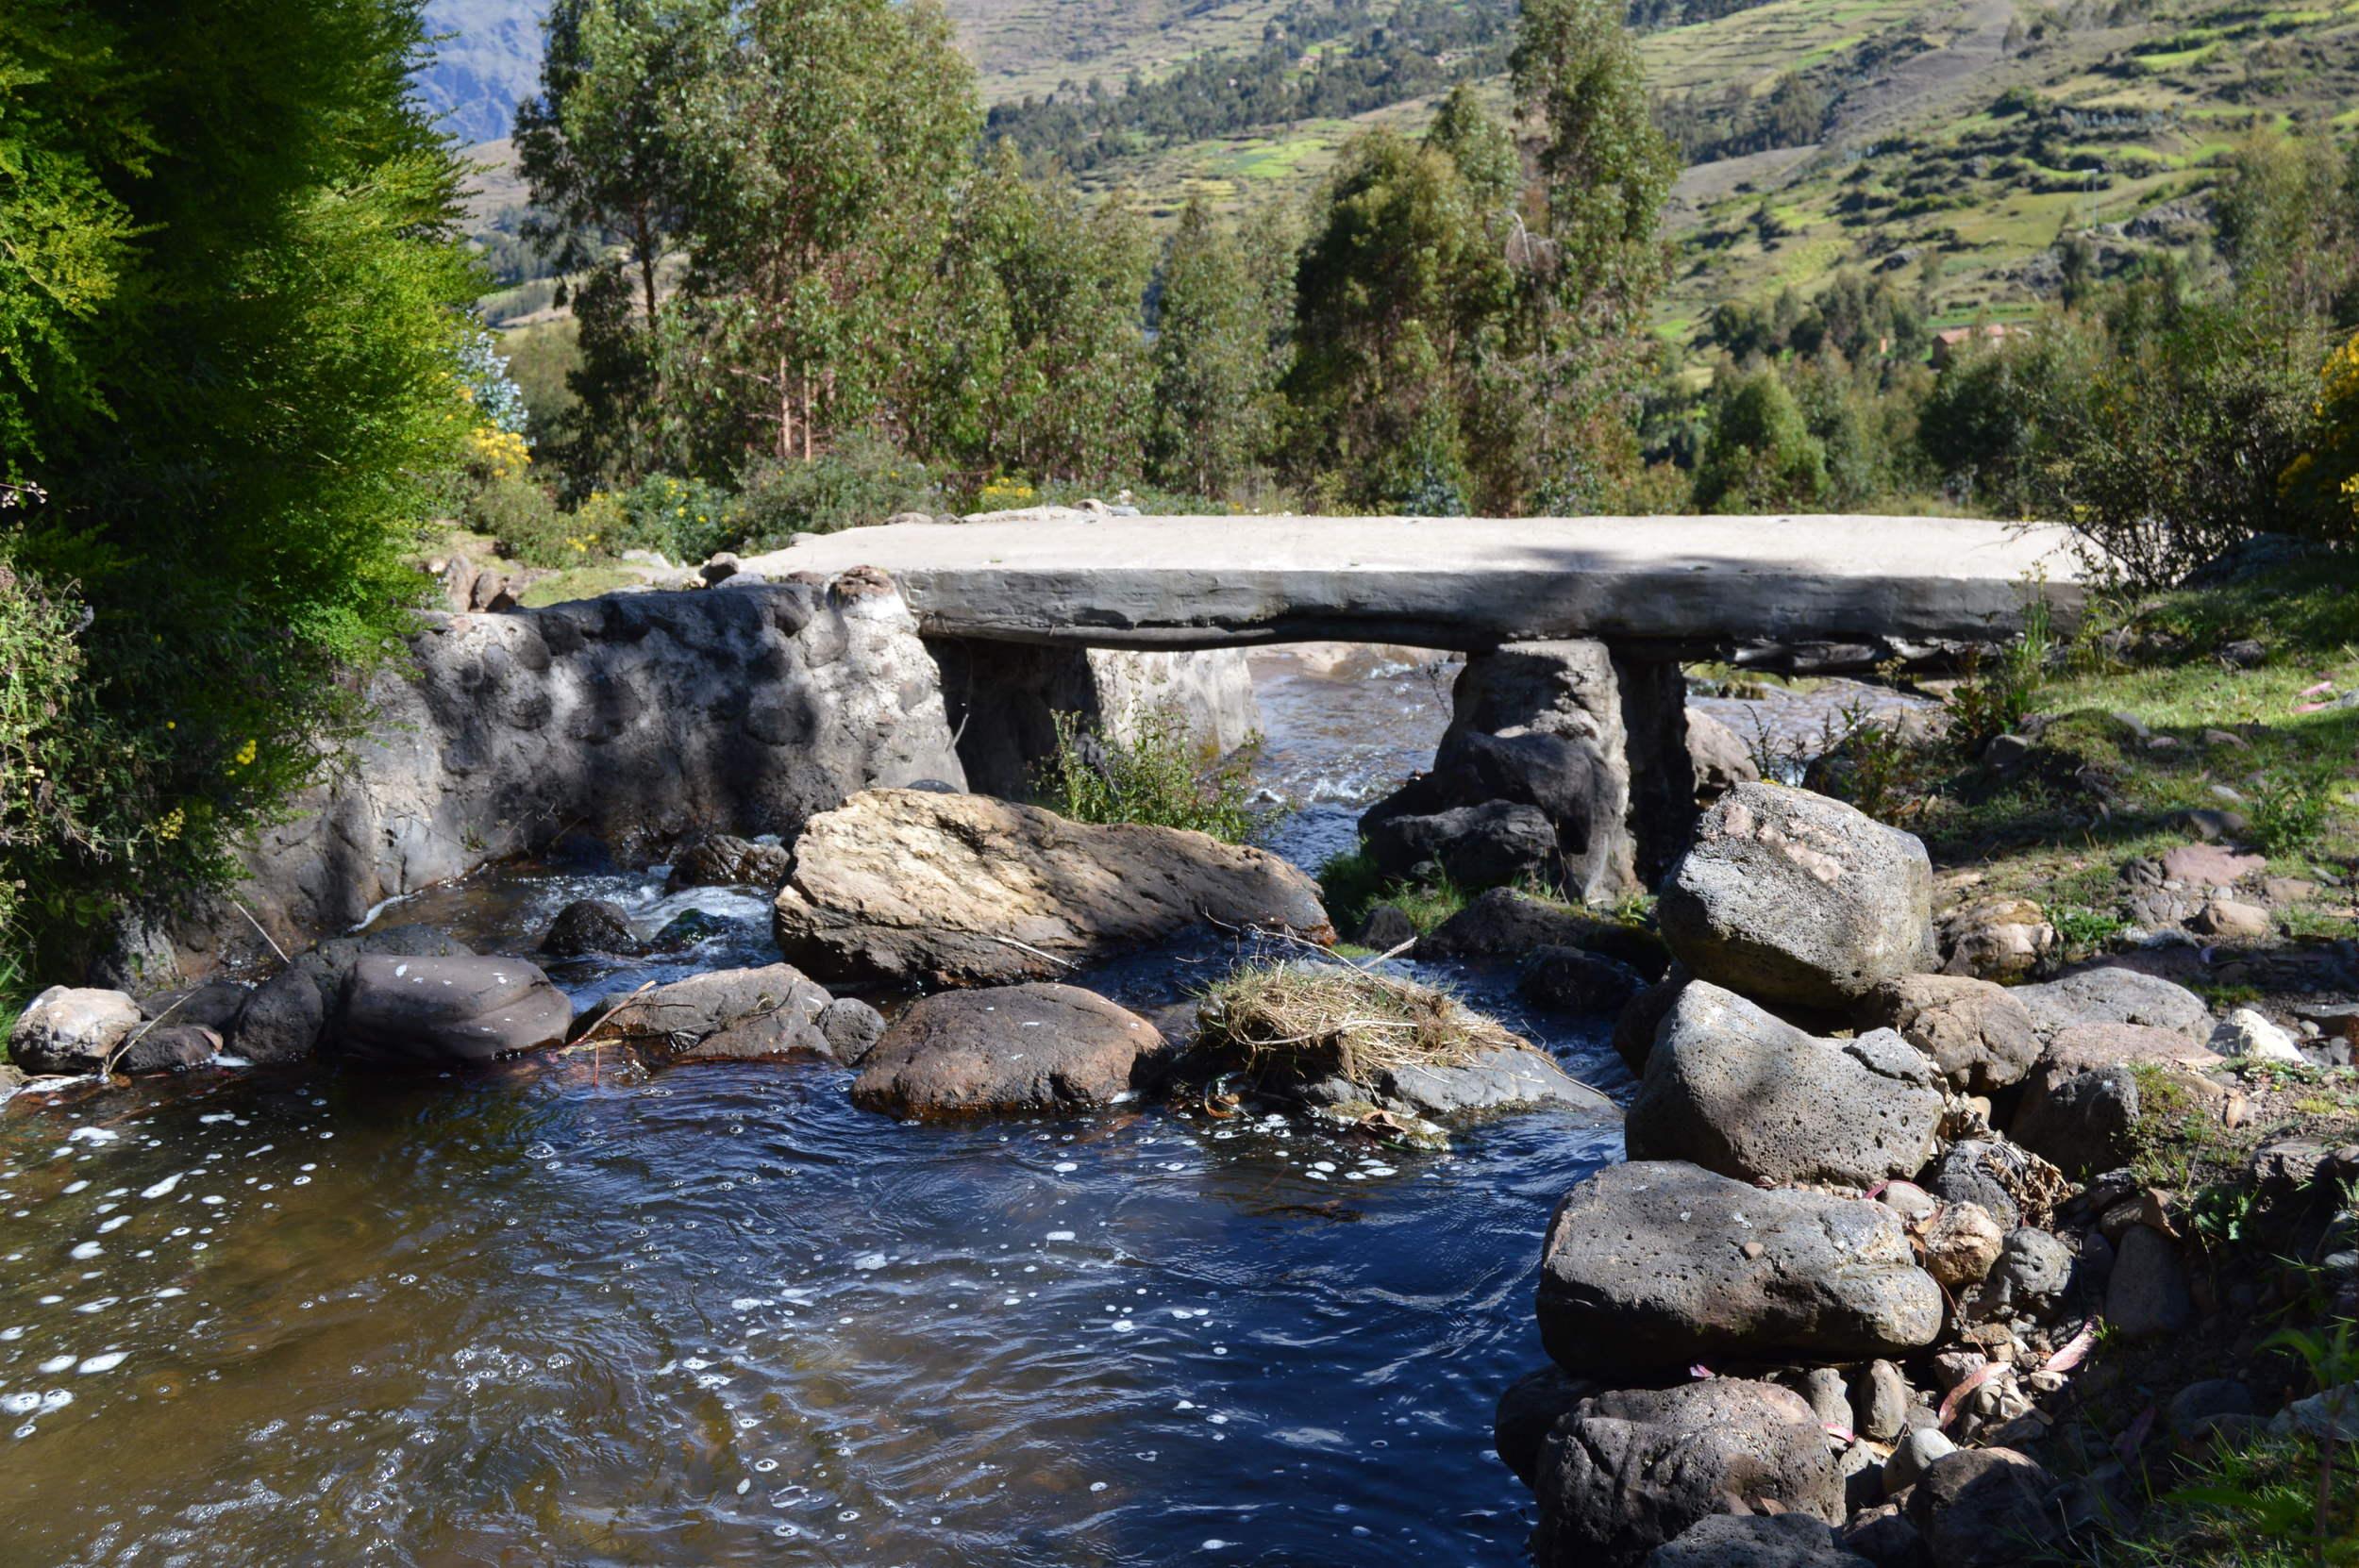 Stream passing through Paru Paru Community near Cusco, Peru